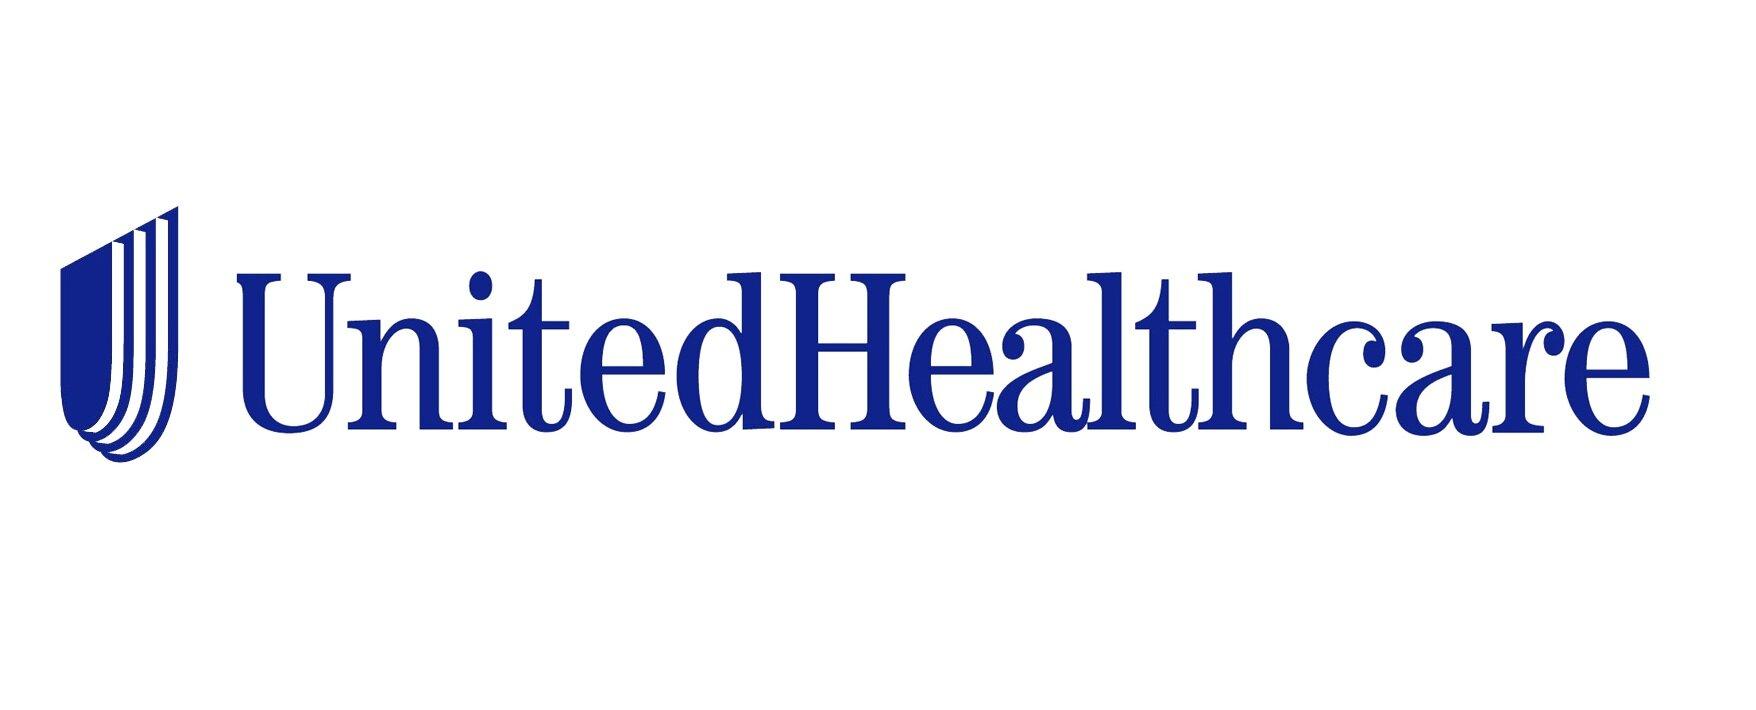 united-healthcare-logo-1.jpg